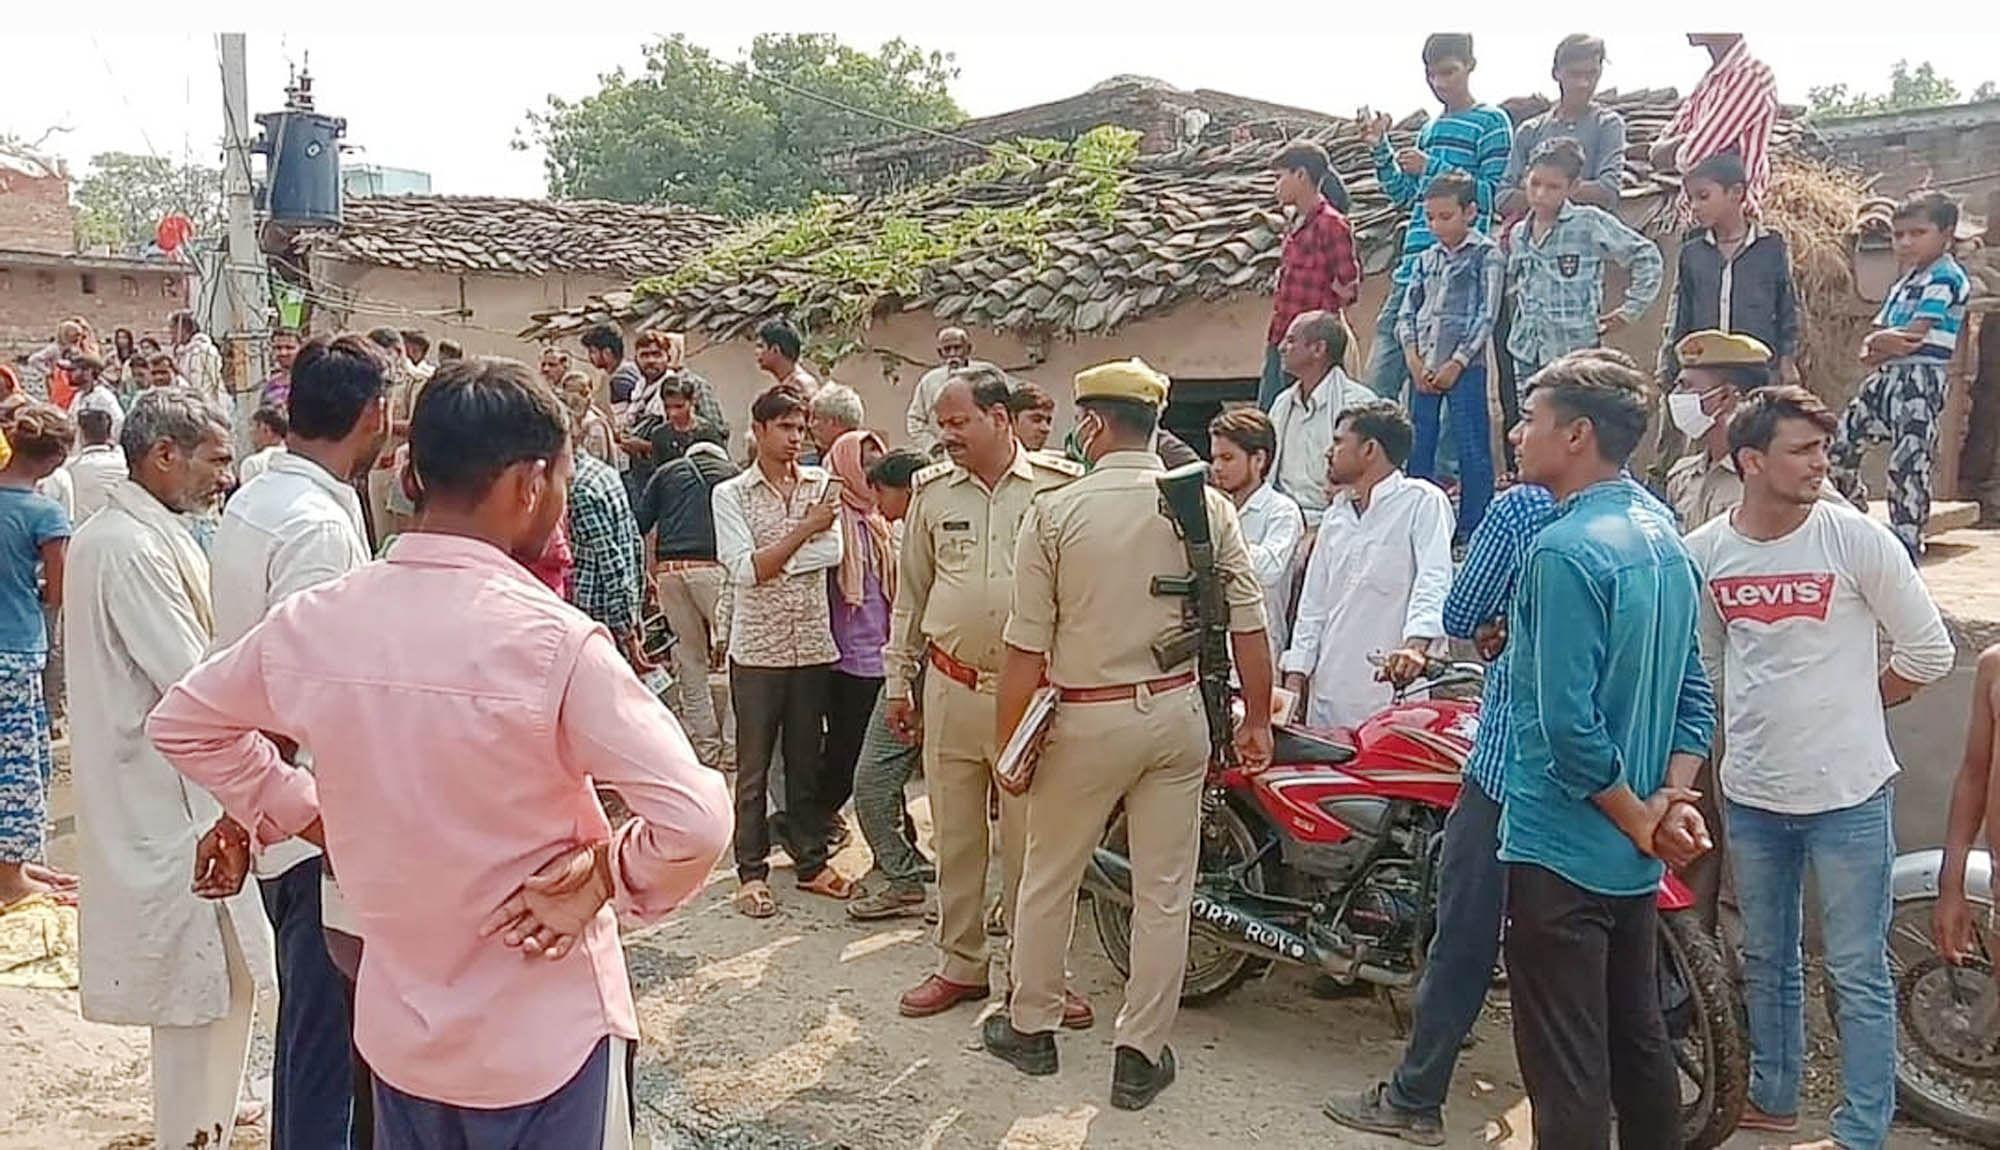 हमीरपुर के बंडा गांव में सीएमओ के घेराव के बाद मौके पर लगी भीड़ व मौजूद पुलिस। संवाद